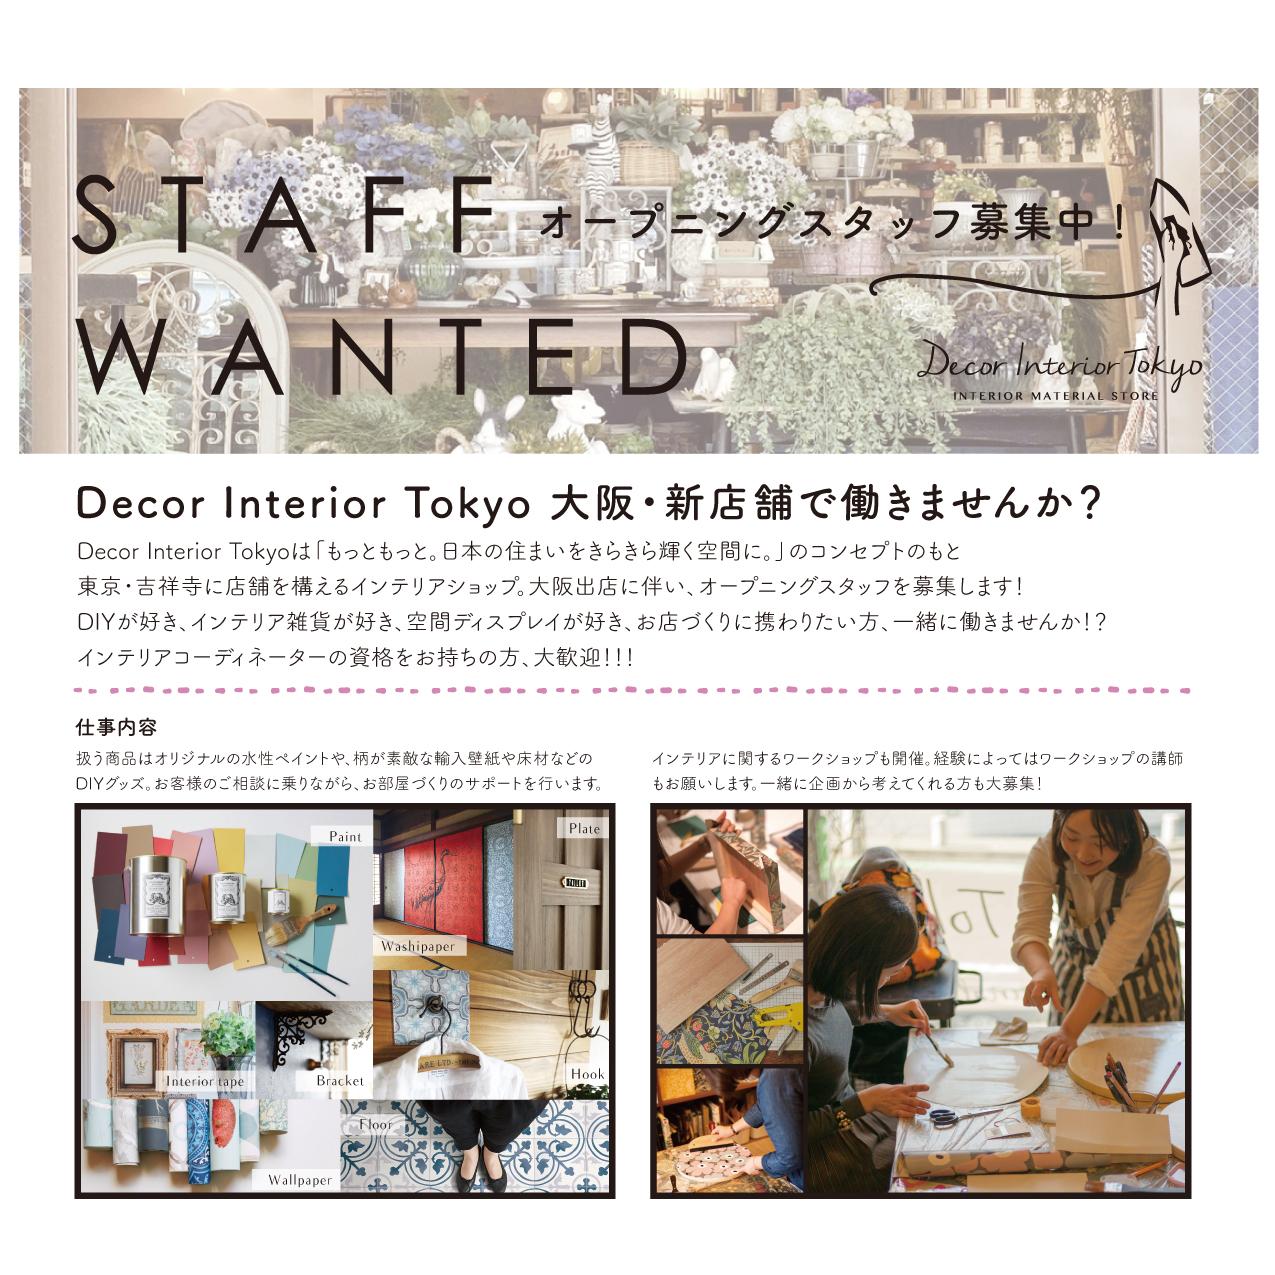 2021年冬・大阪にDecor Interior Tokyoの新店舗がオープンします!オープニングスタッフも大募集!